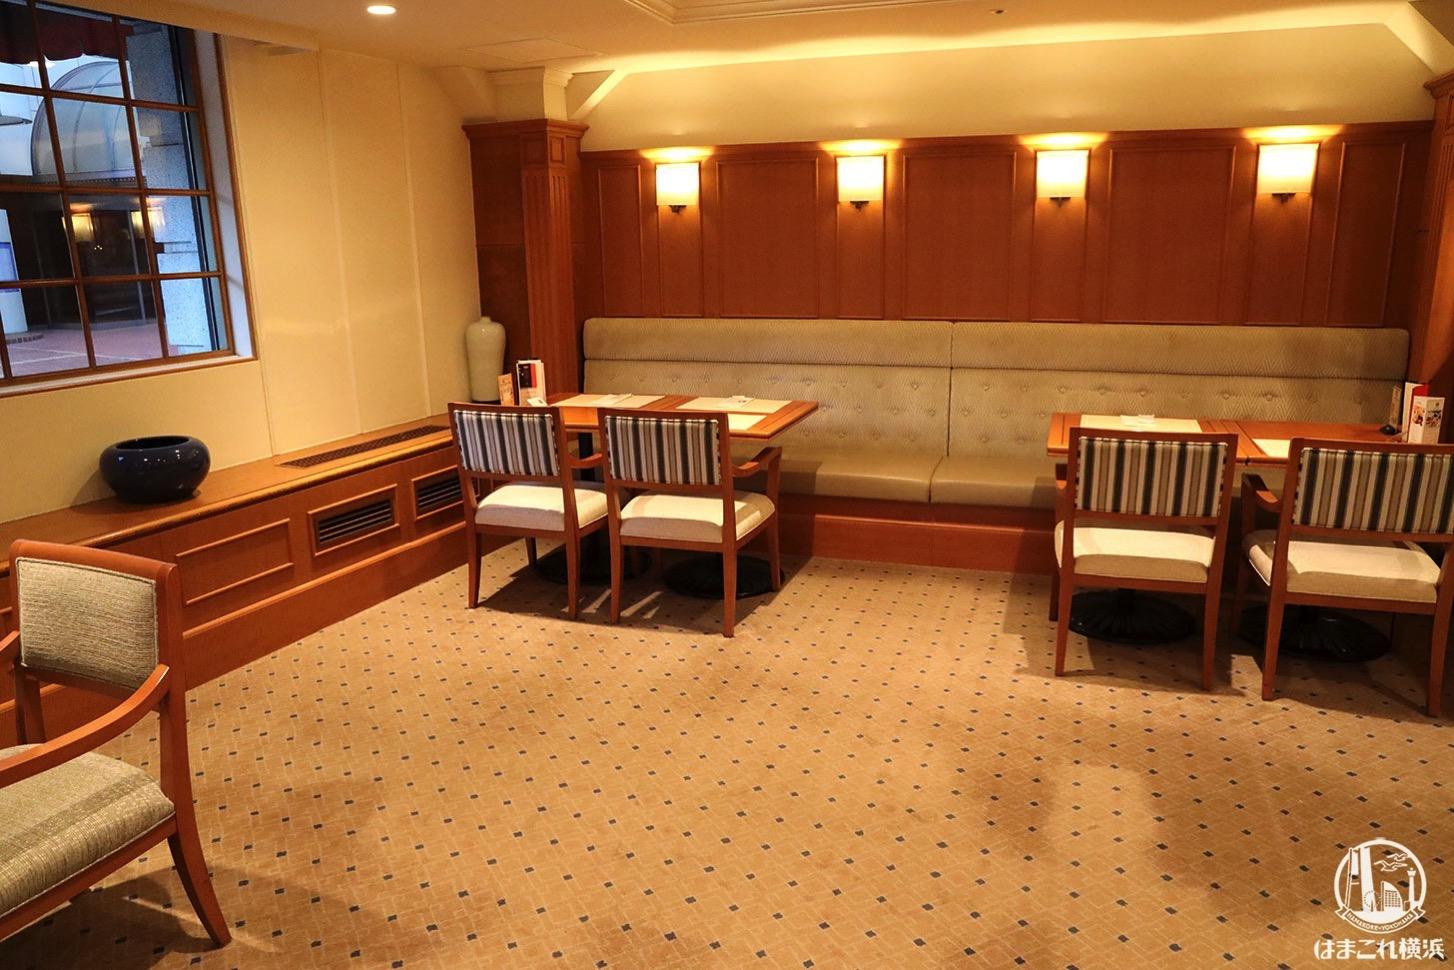 ホテルニューグランド本館1階の「ザ・カフェ」店内